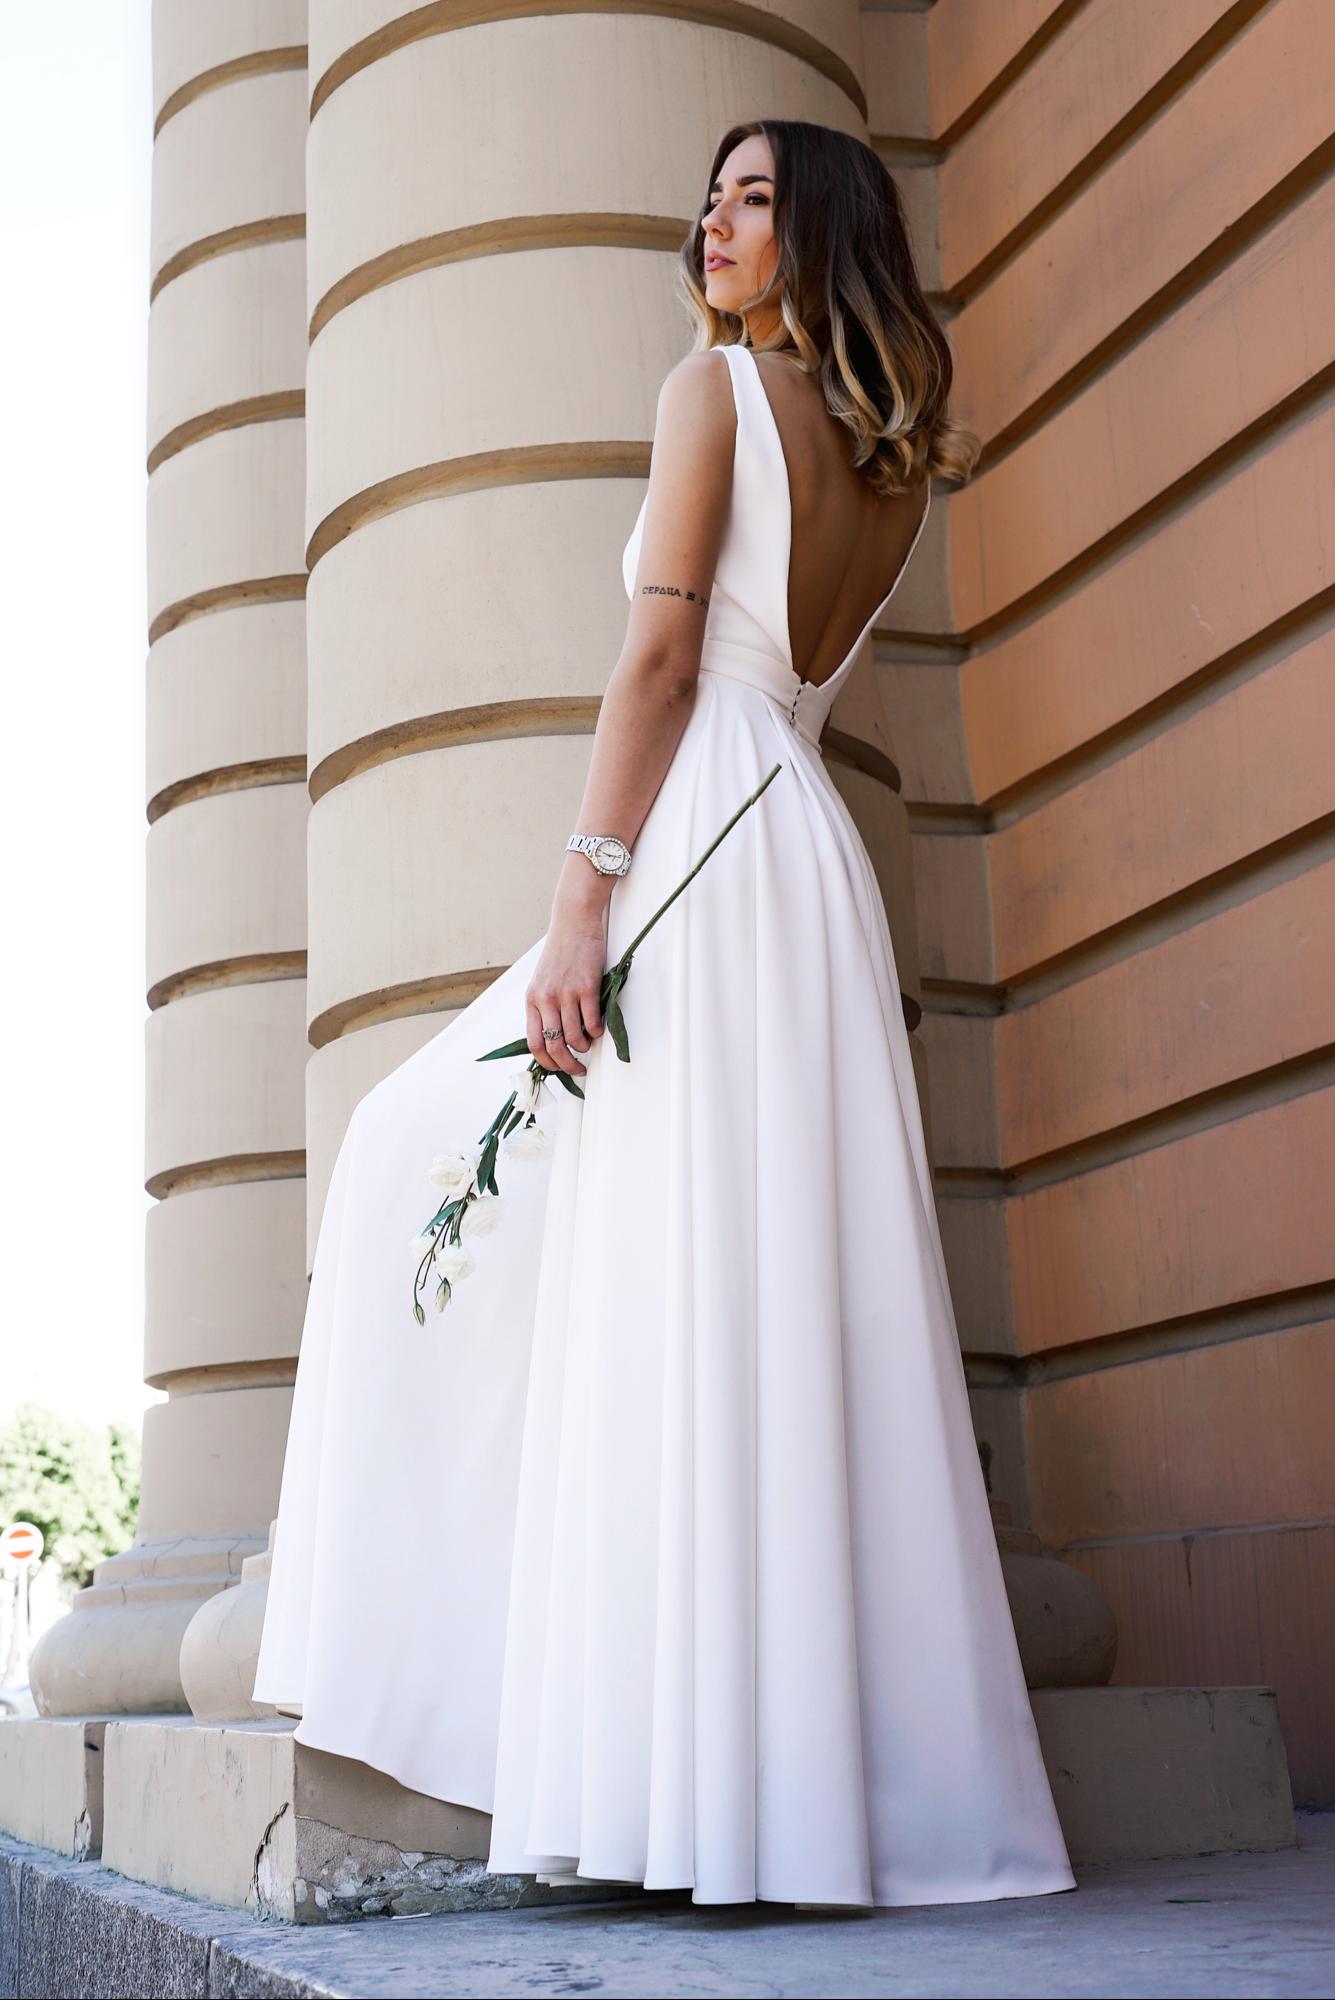 e4712493eaa Свадебное платье  ТП13-16-10С - купить в свадебном салоне -